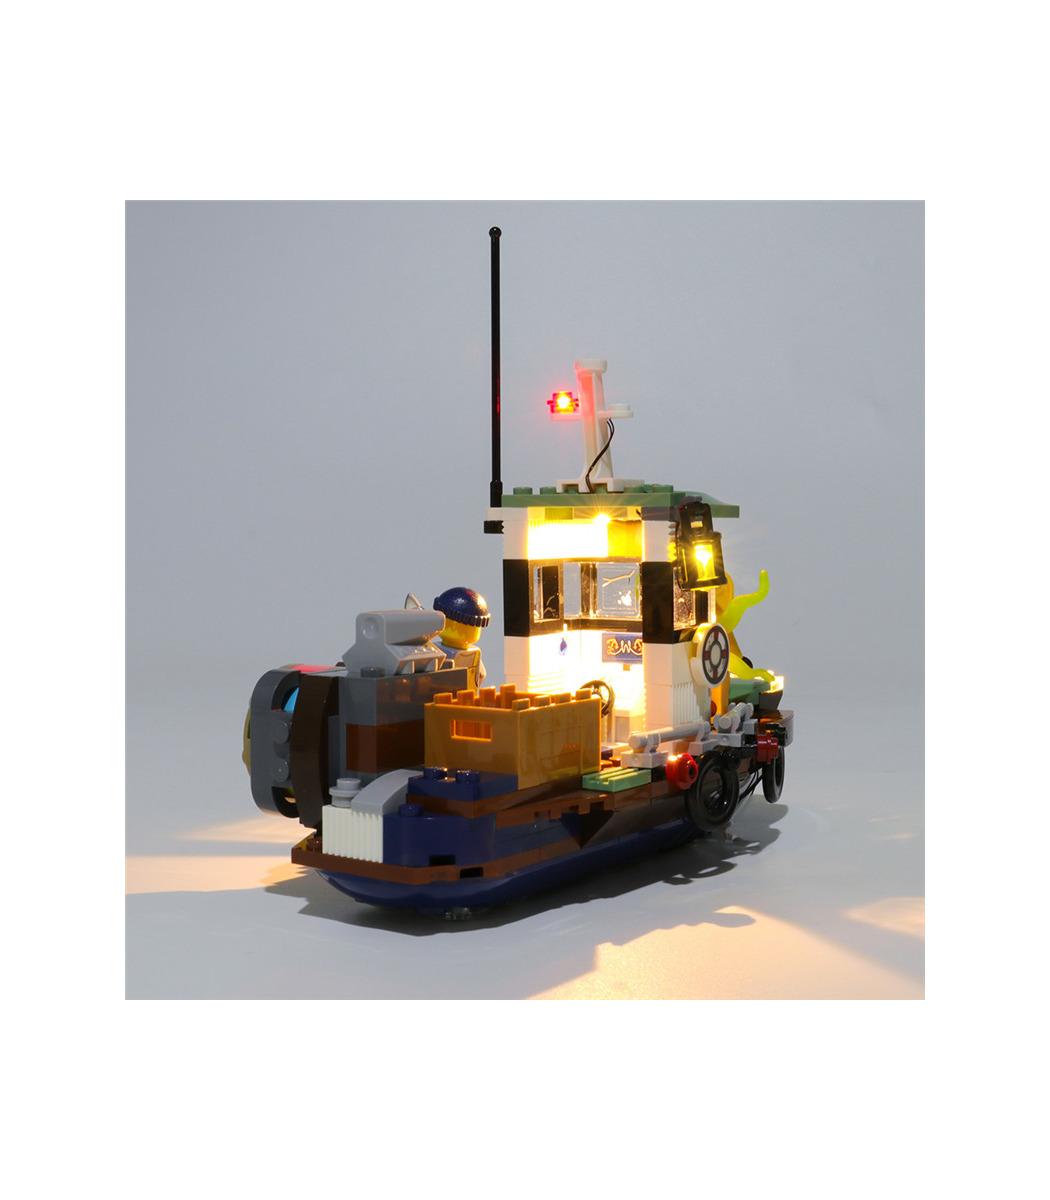 Kit D Eclairage Pour La Face Cachee Epave De Bateau De Crevettes Set De Projecteurs A Led 70419 Buildingtoystore Com